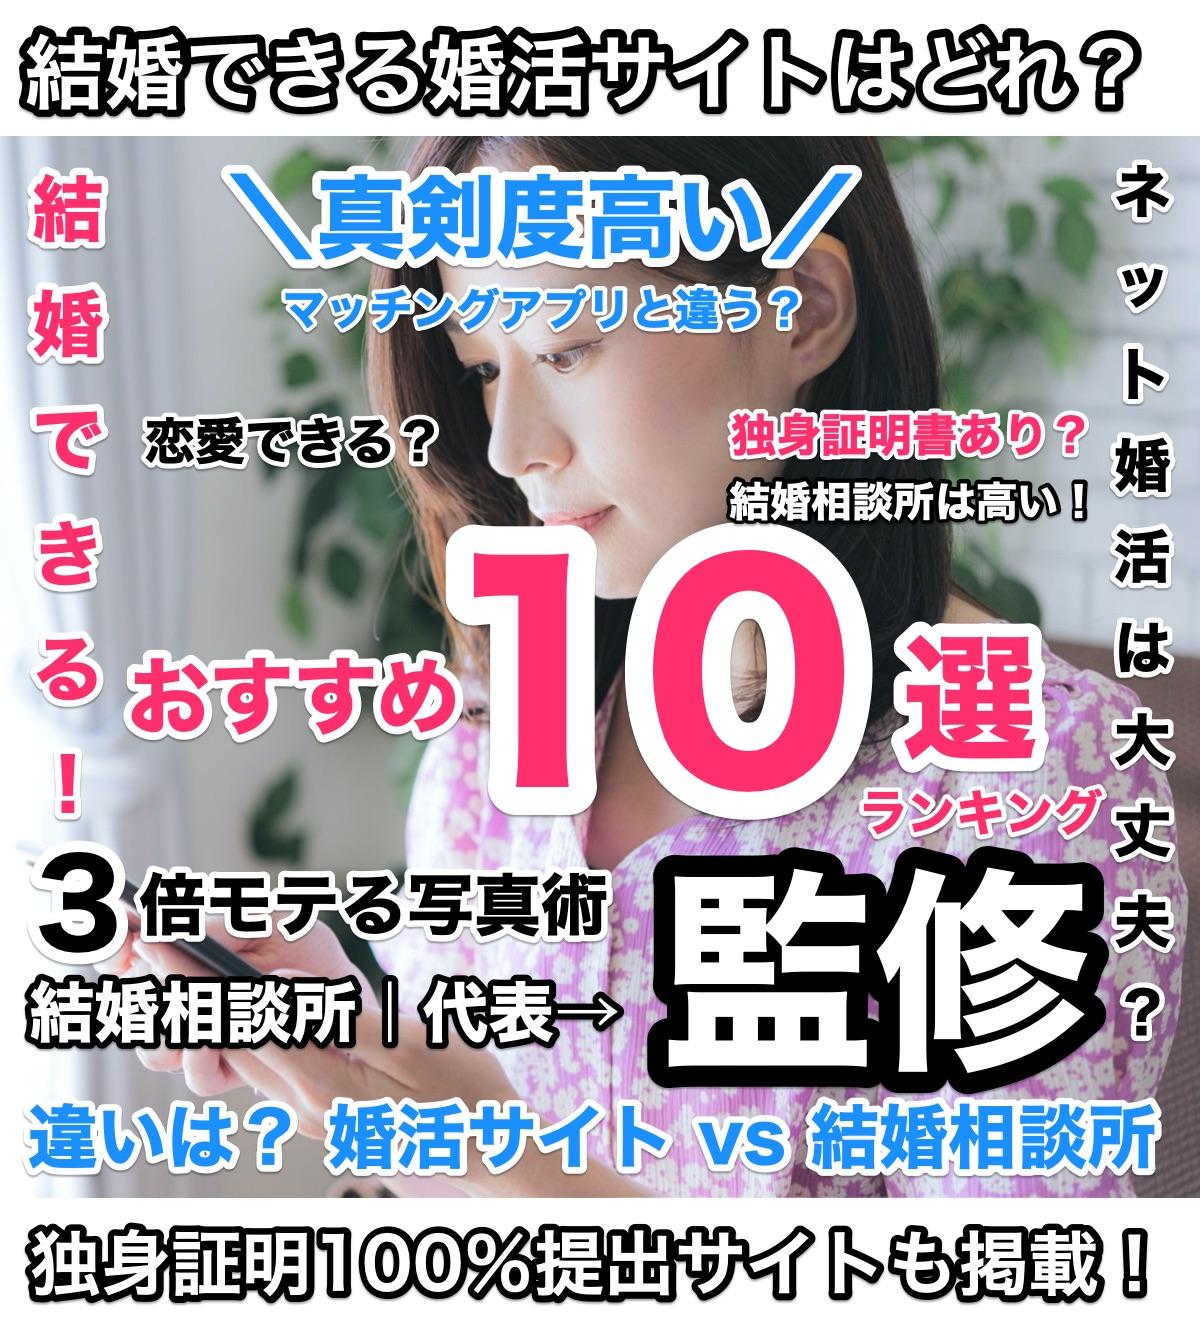 【プロ監修】人気婚活サイト/婚活アプリ比較おすすめ10選!結婚できる真剣なサイト徹底解説